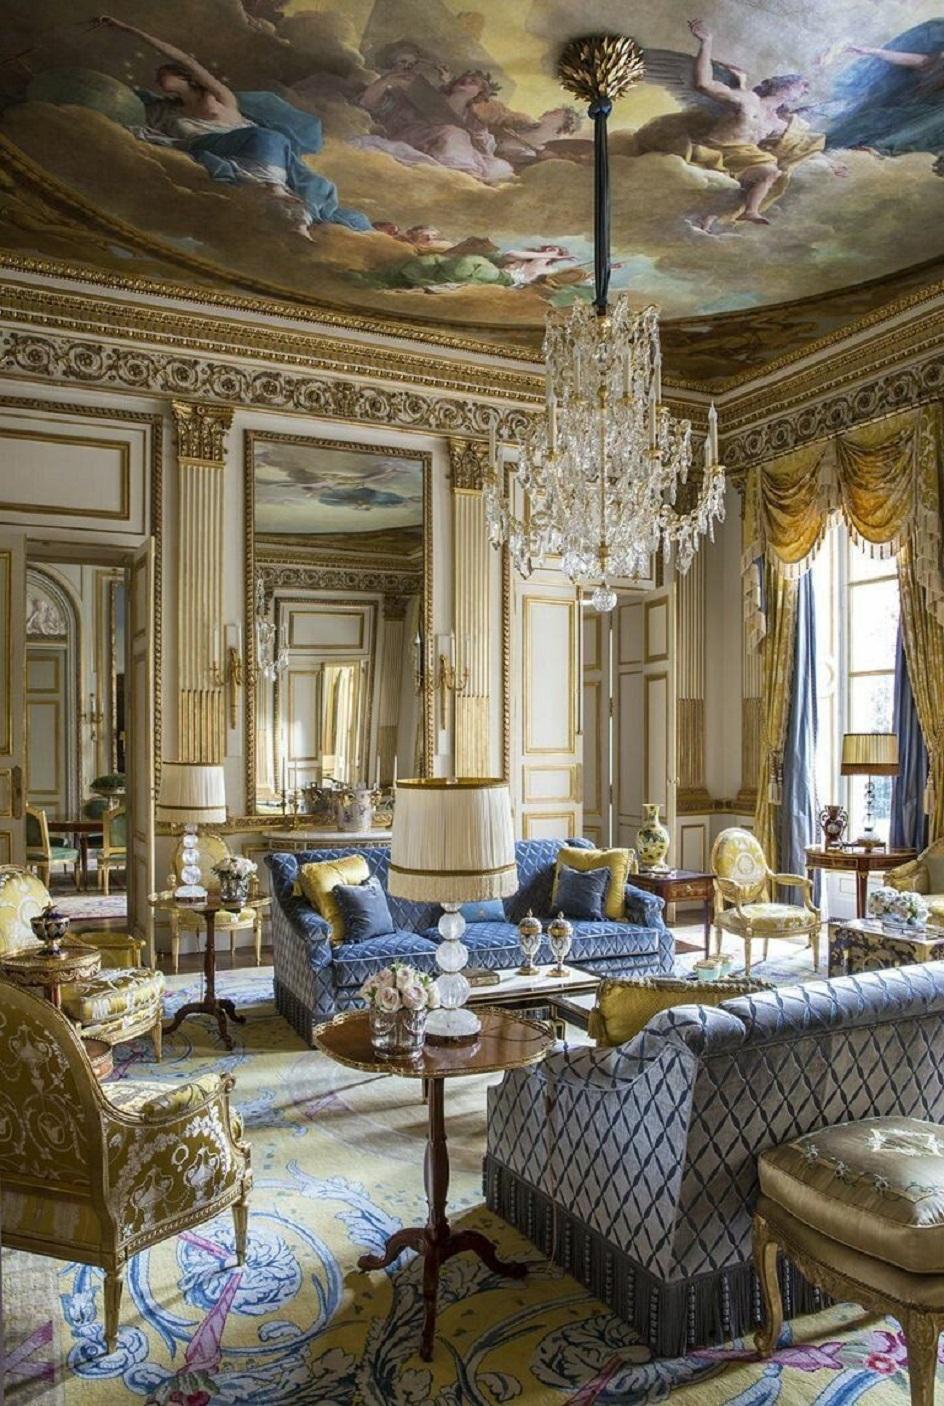 Барокко в интерьере. Зал для приёма гостей с оригинальной хрустальной люстрой в стиле барокко